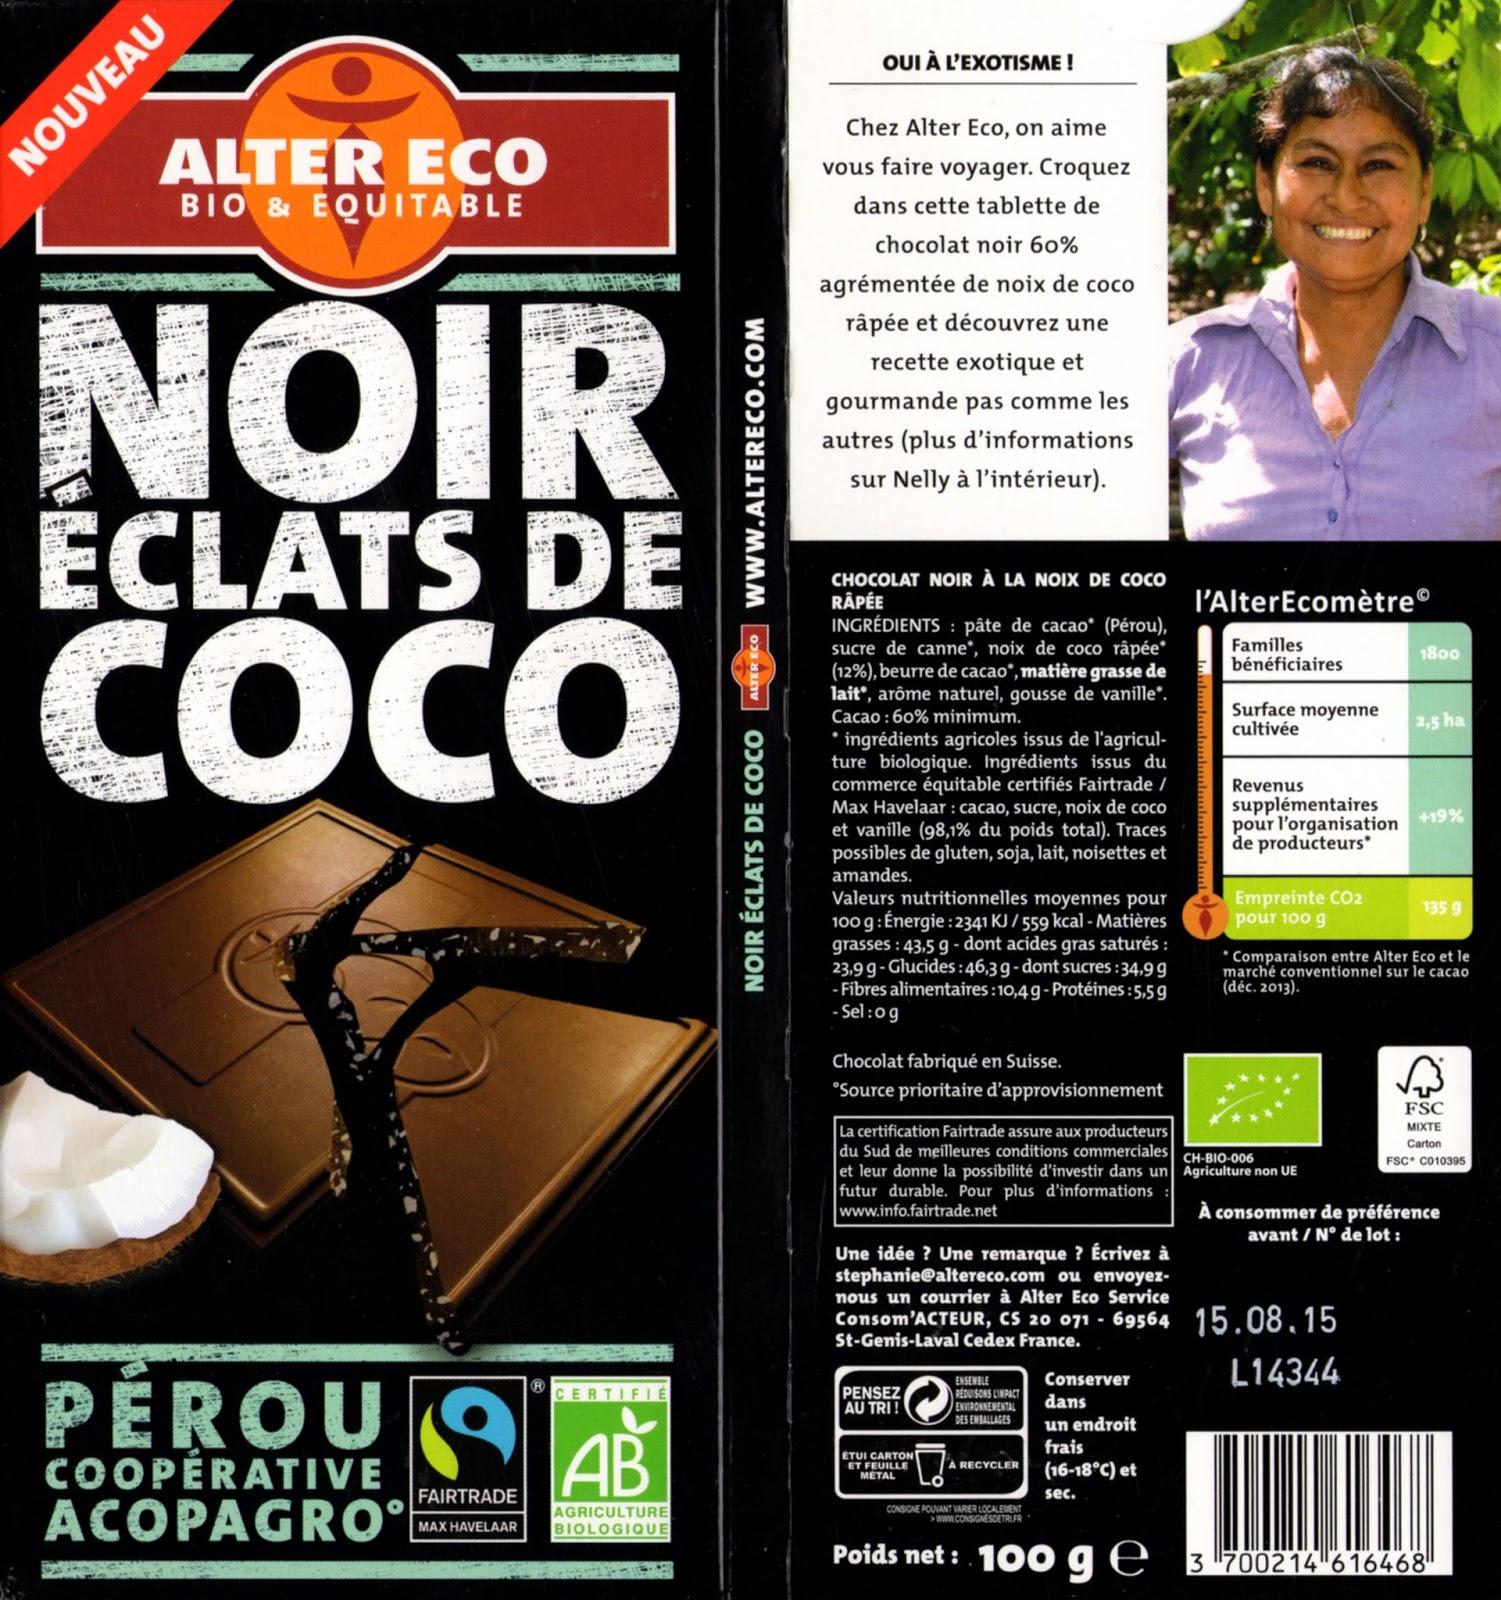 tablette de chocolat noir gourmand alter eco pérou noir eclats de coco